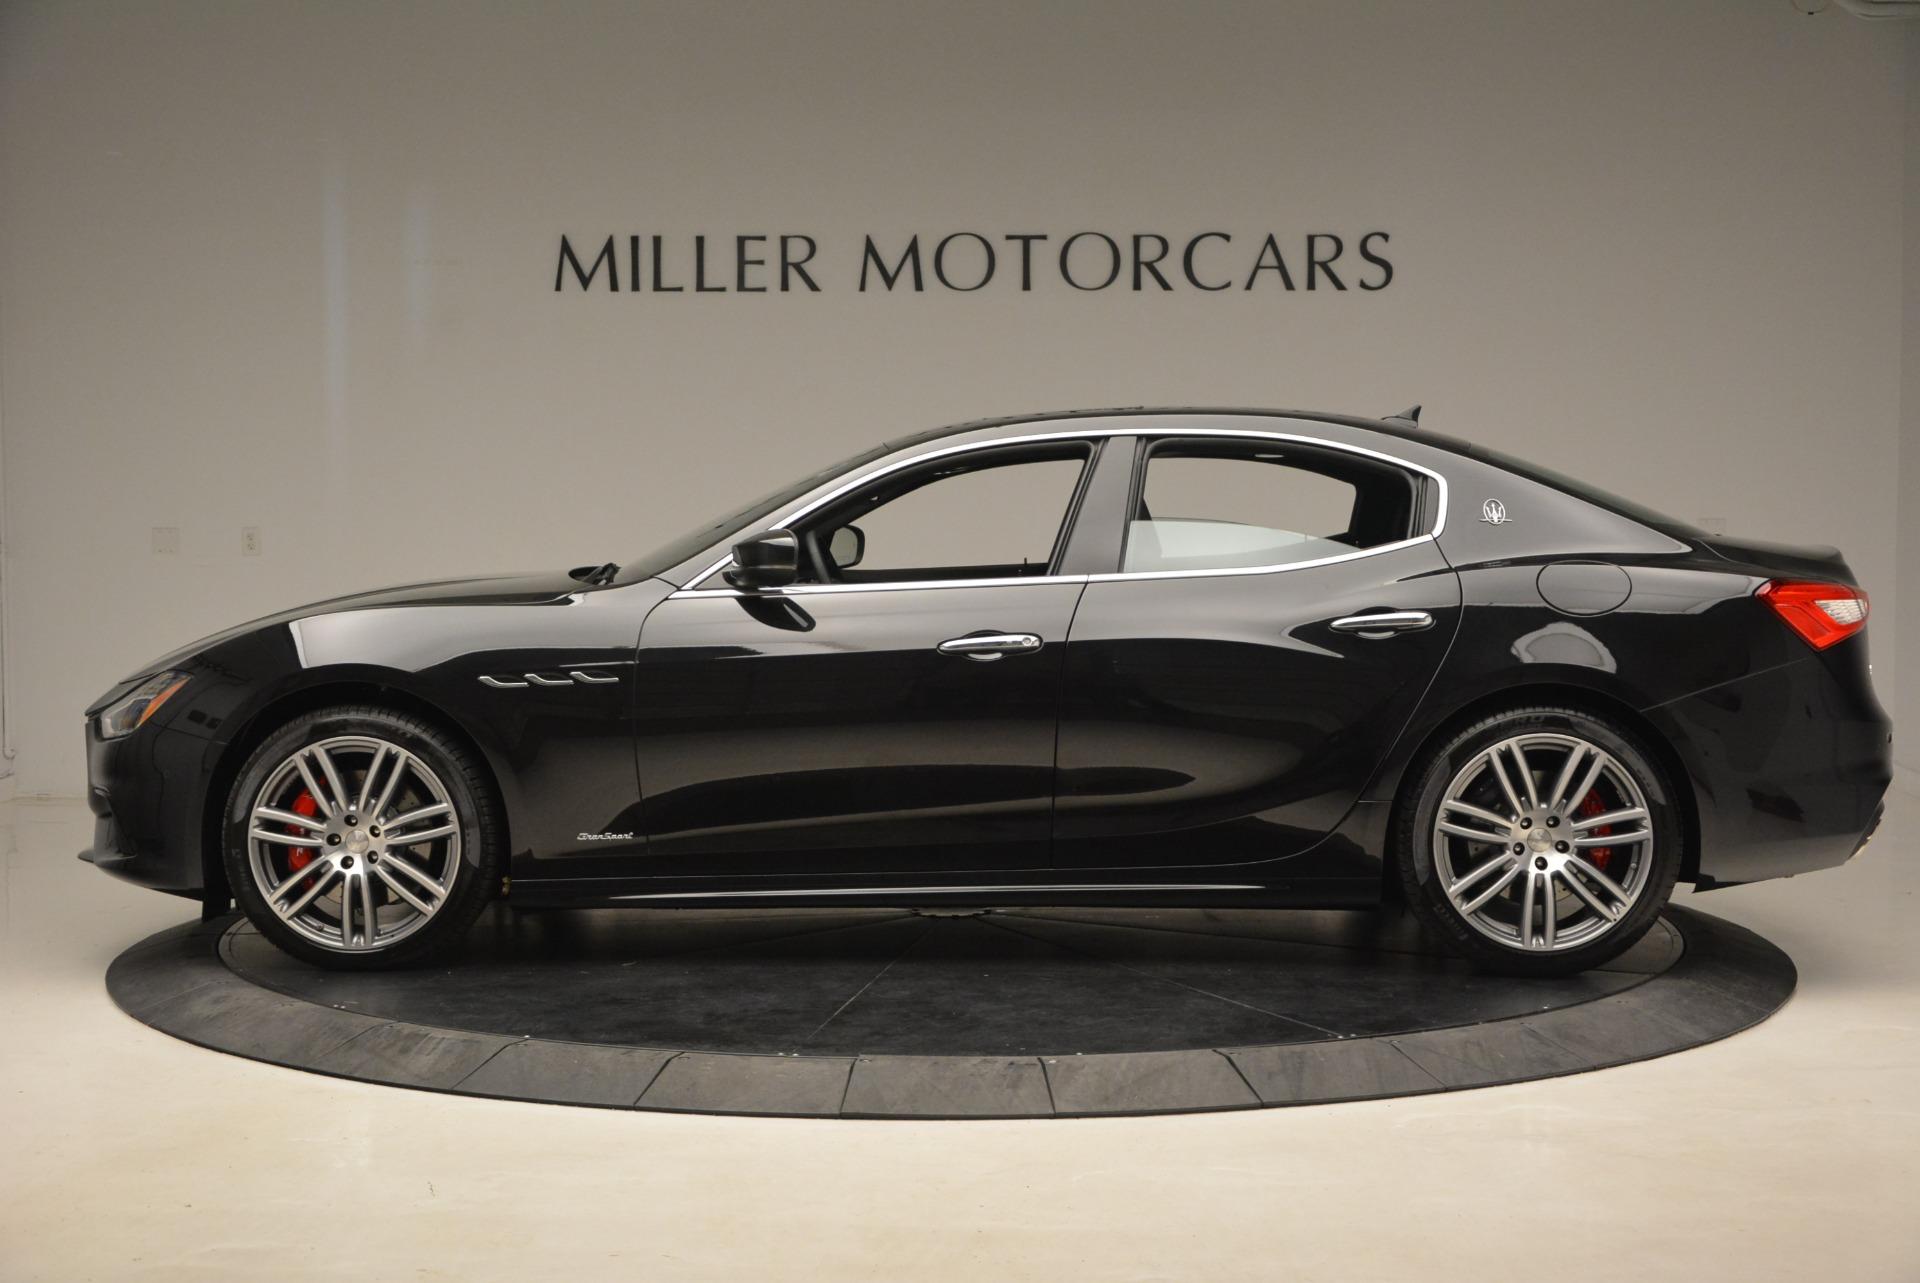 New 2018 Maserati Ghibli S Q4 GranLusso For Sale In Greenwich, CT 1923_p3